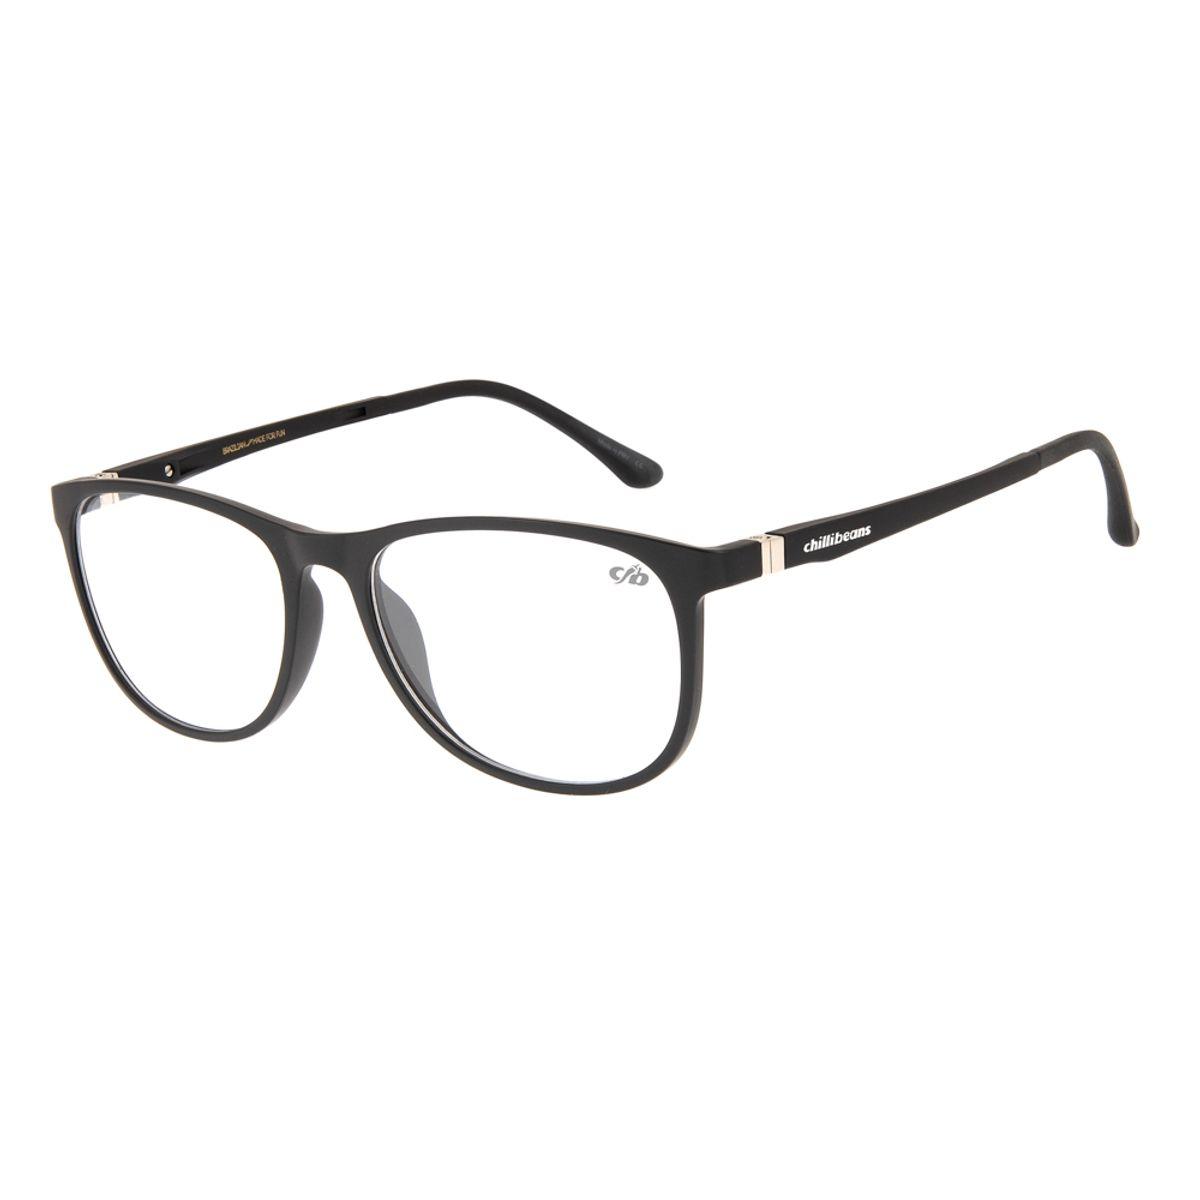 64287d17d Armação para Óculos de Grau Feminino Chilli Beans Preto 0109 -  LV.IJ.0109.0101 M. REF: LV.IJ.0109.0101. LV.